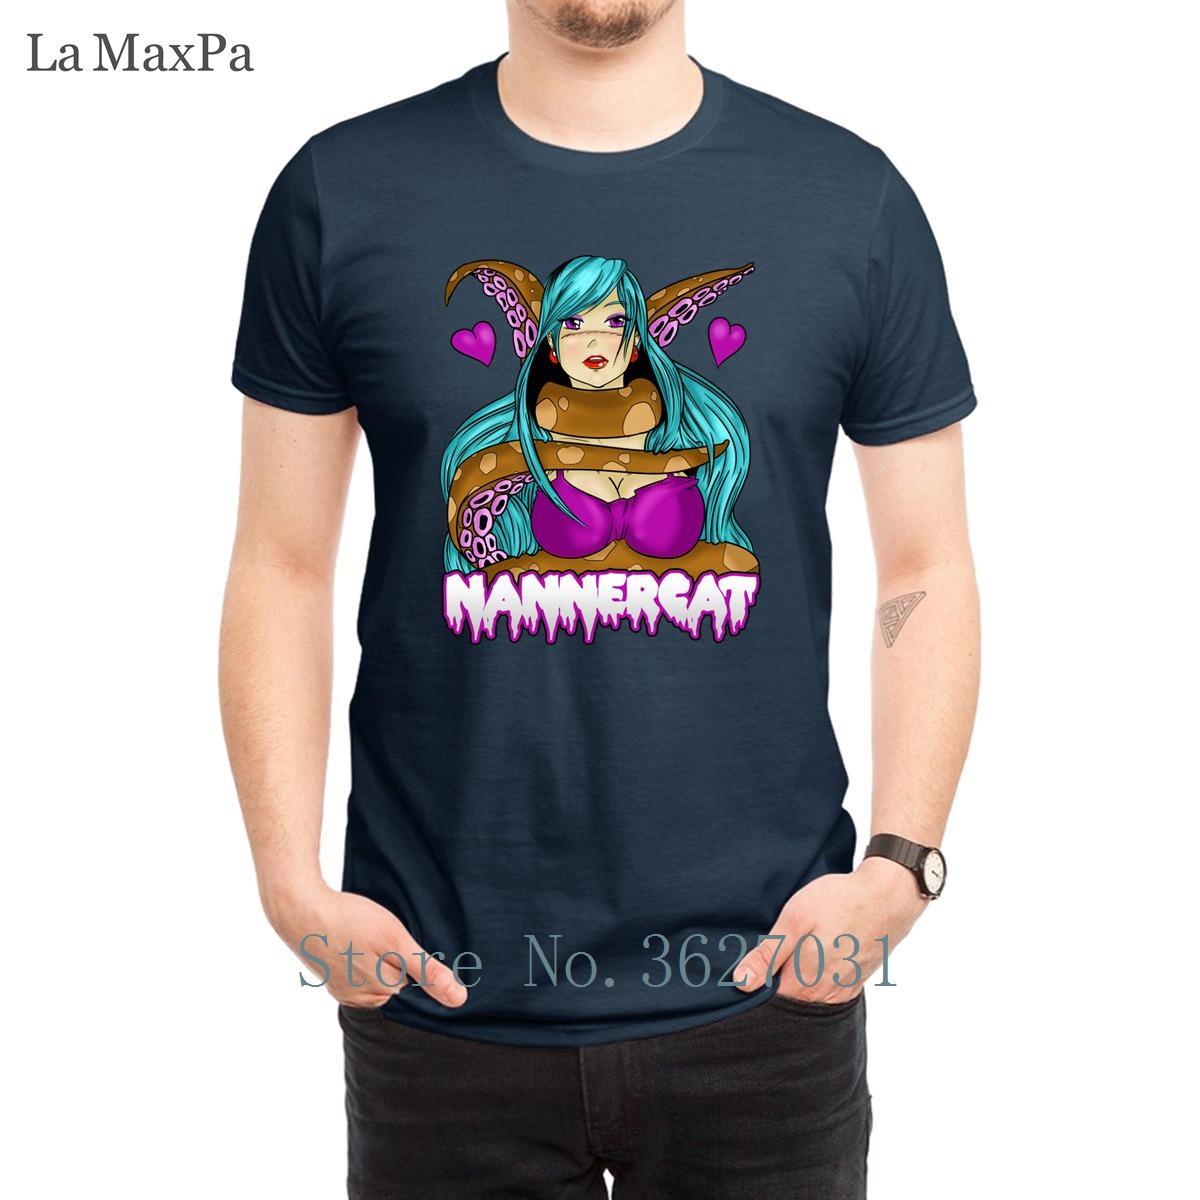 Design-Neuheit-Männer-T-Shirts Nannercat Hentai-Männer-T-Shirt Quirky 2018-T-Shirt Mann Bequeme Baumwolle Hiphop Tops